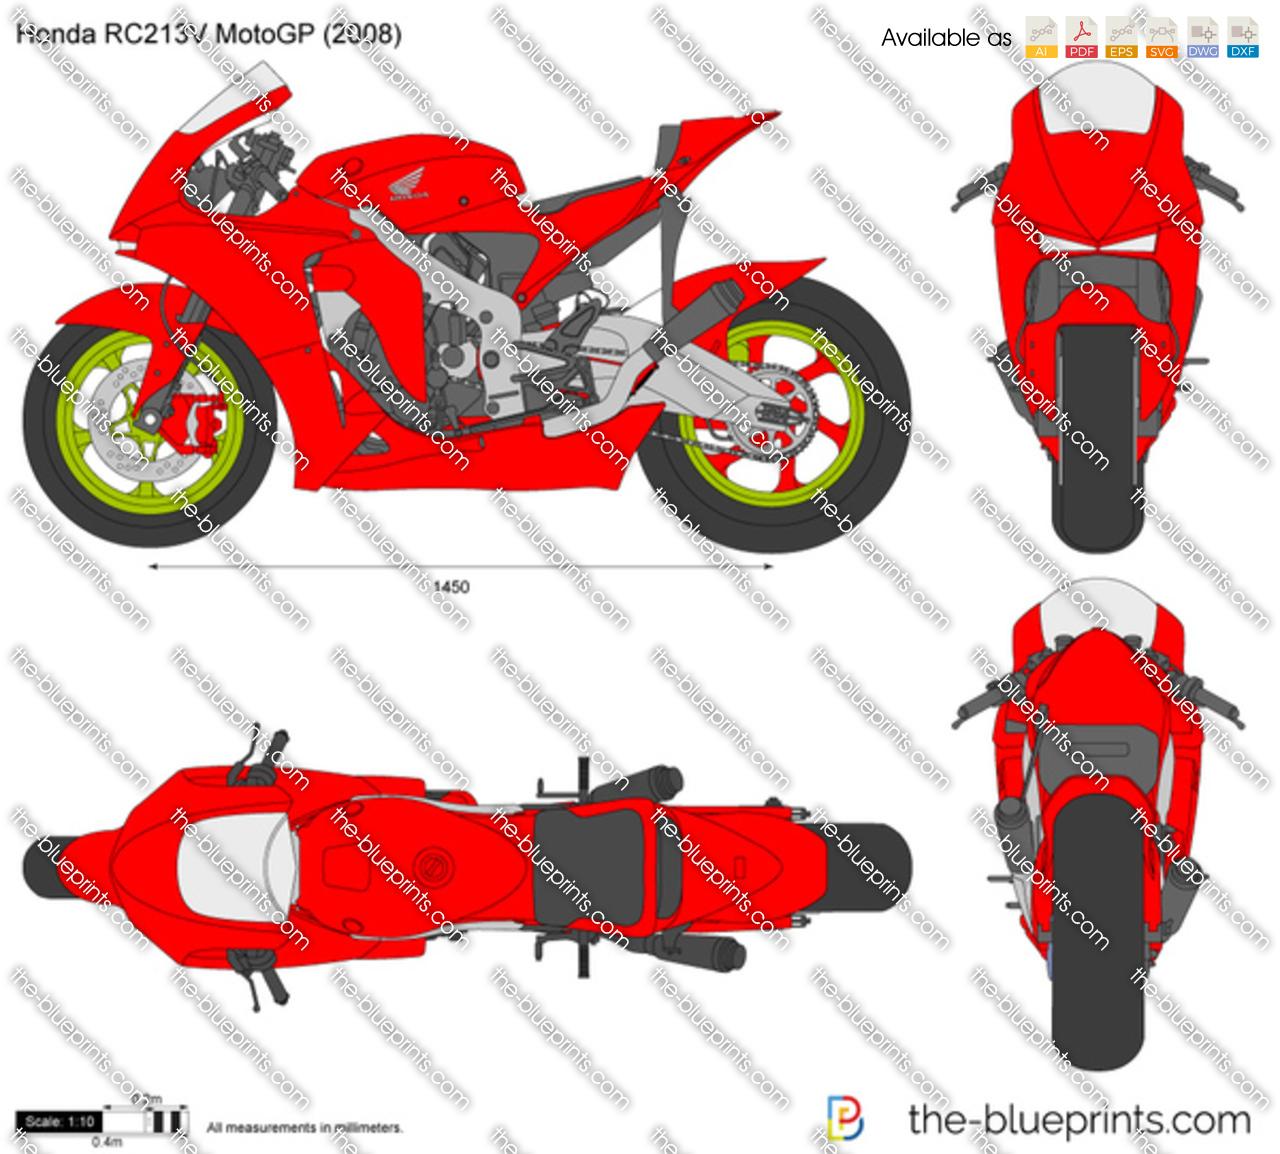 Honda RC213V MotoGP